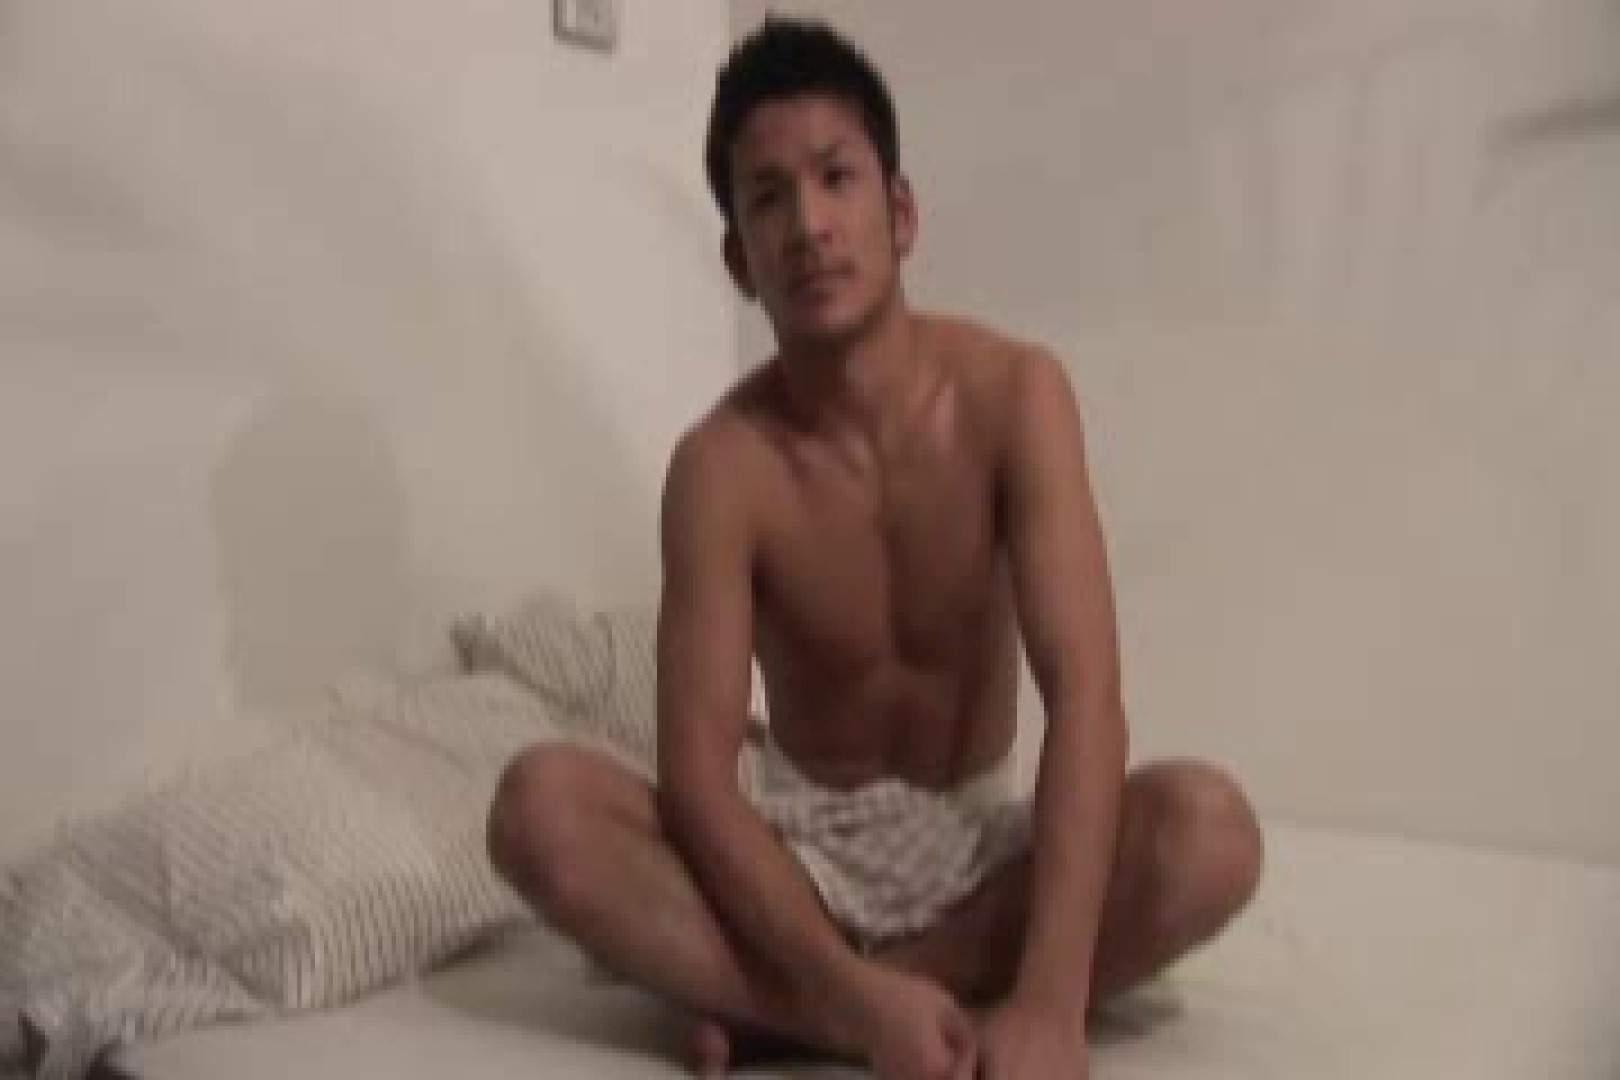 仮性包茎 ヒデ君の挿入されたら たまらんです♪ 発射瞬間 | アナルsex ゲイ無修正ビデオ画像 7連発 1